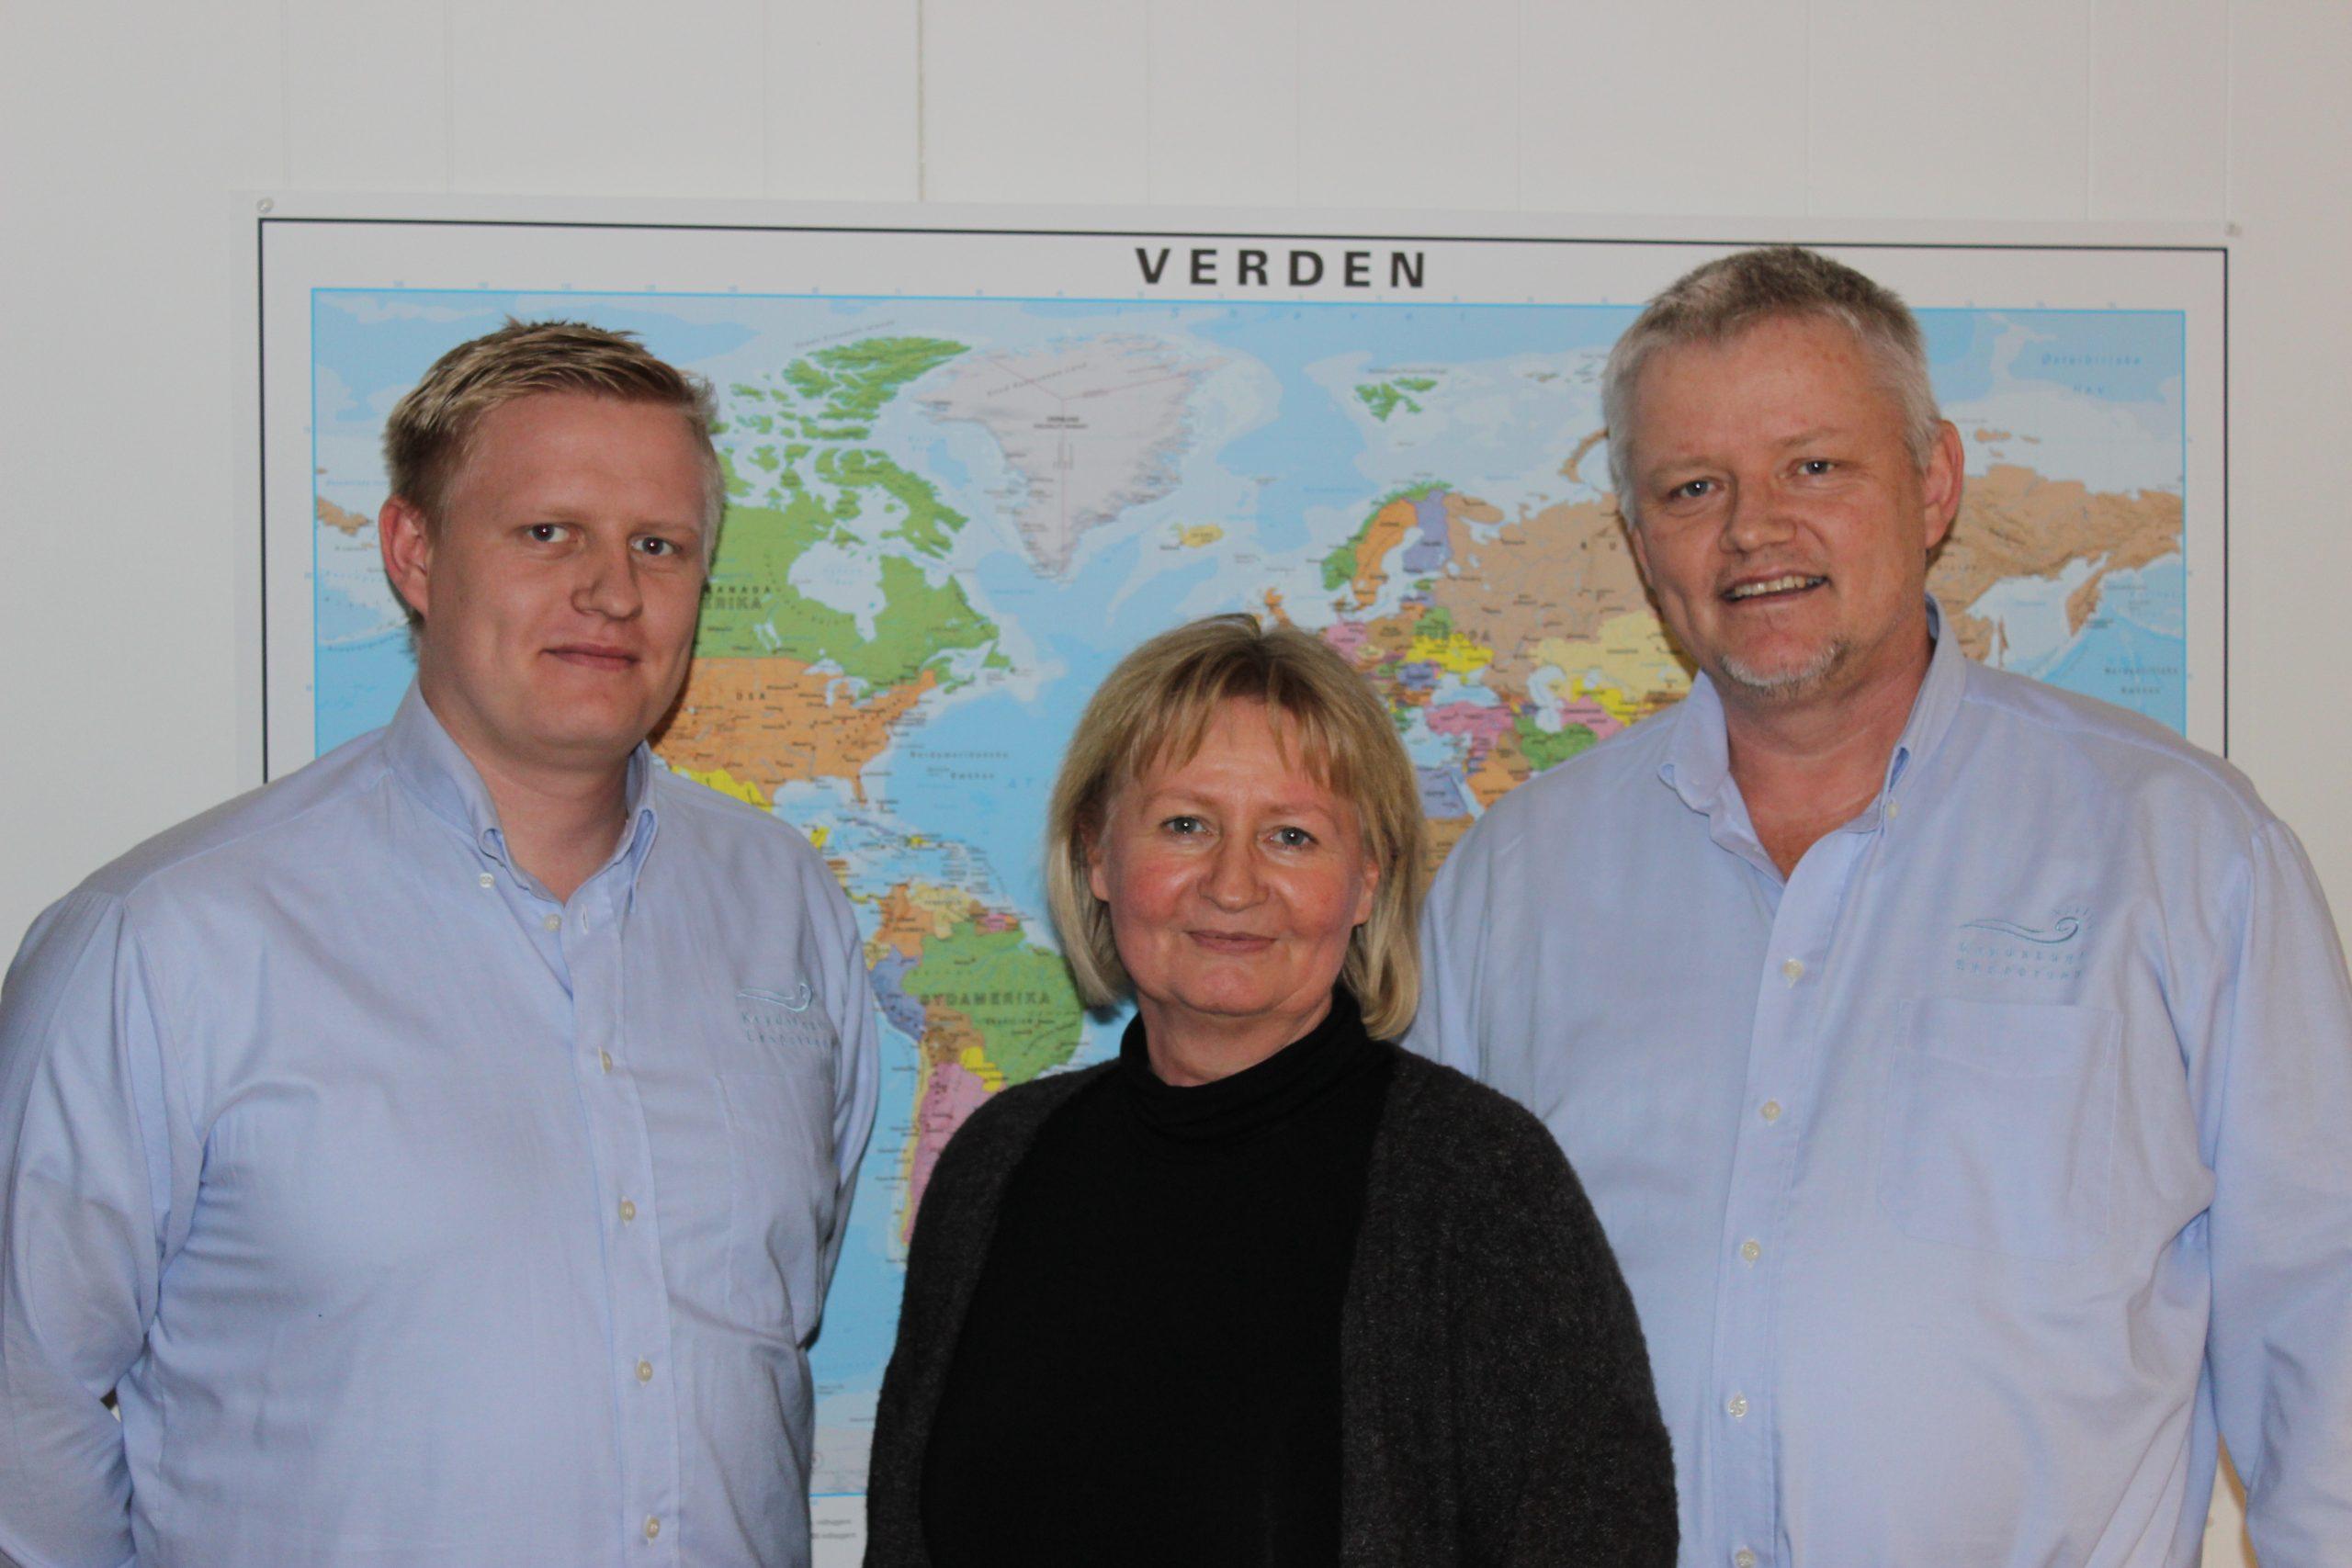 Direktionen i familieejede Krydstogt Eksperten med hovedkontor i Lunderskov består af fra venstre sønnen Jens samt forældrene, Hanne og Niels Petersen. Privatfoto.